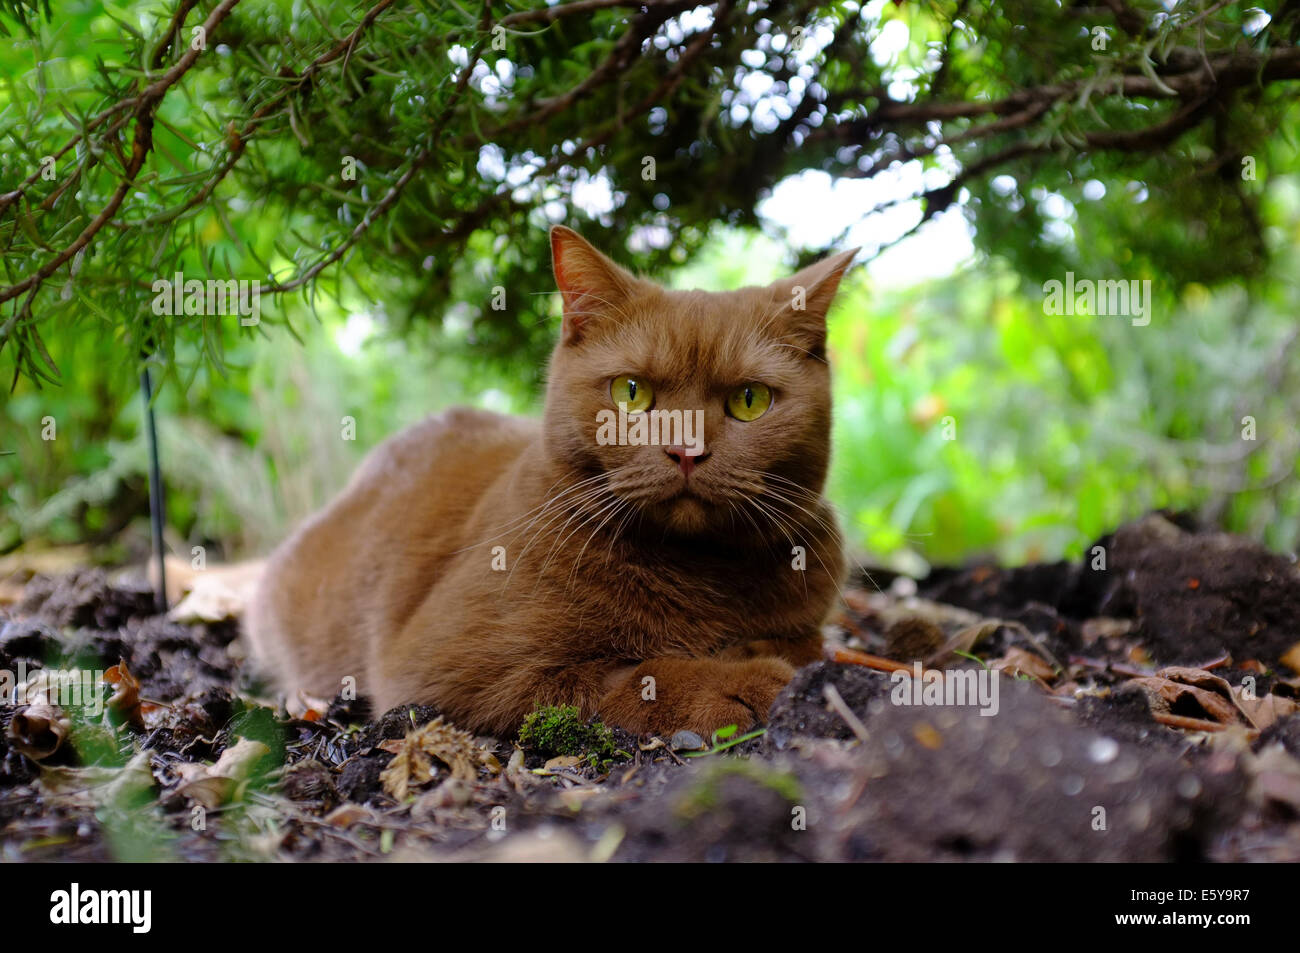 Havana Brown Cat Stock Photos & Havana Brown Cat Stock Images - Alamy